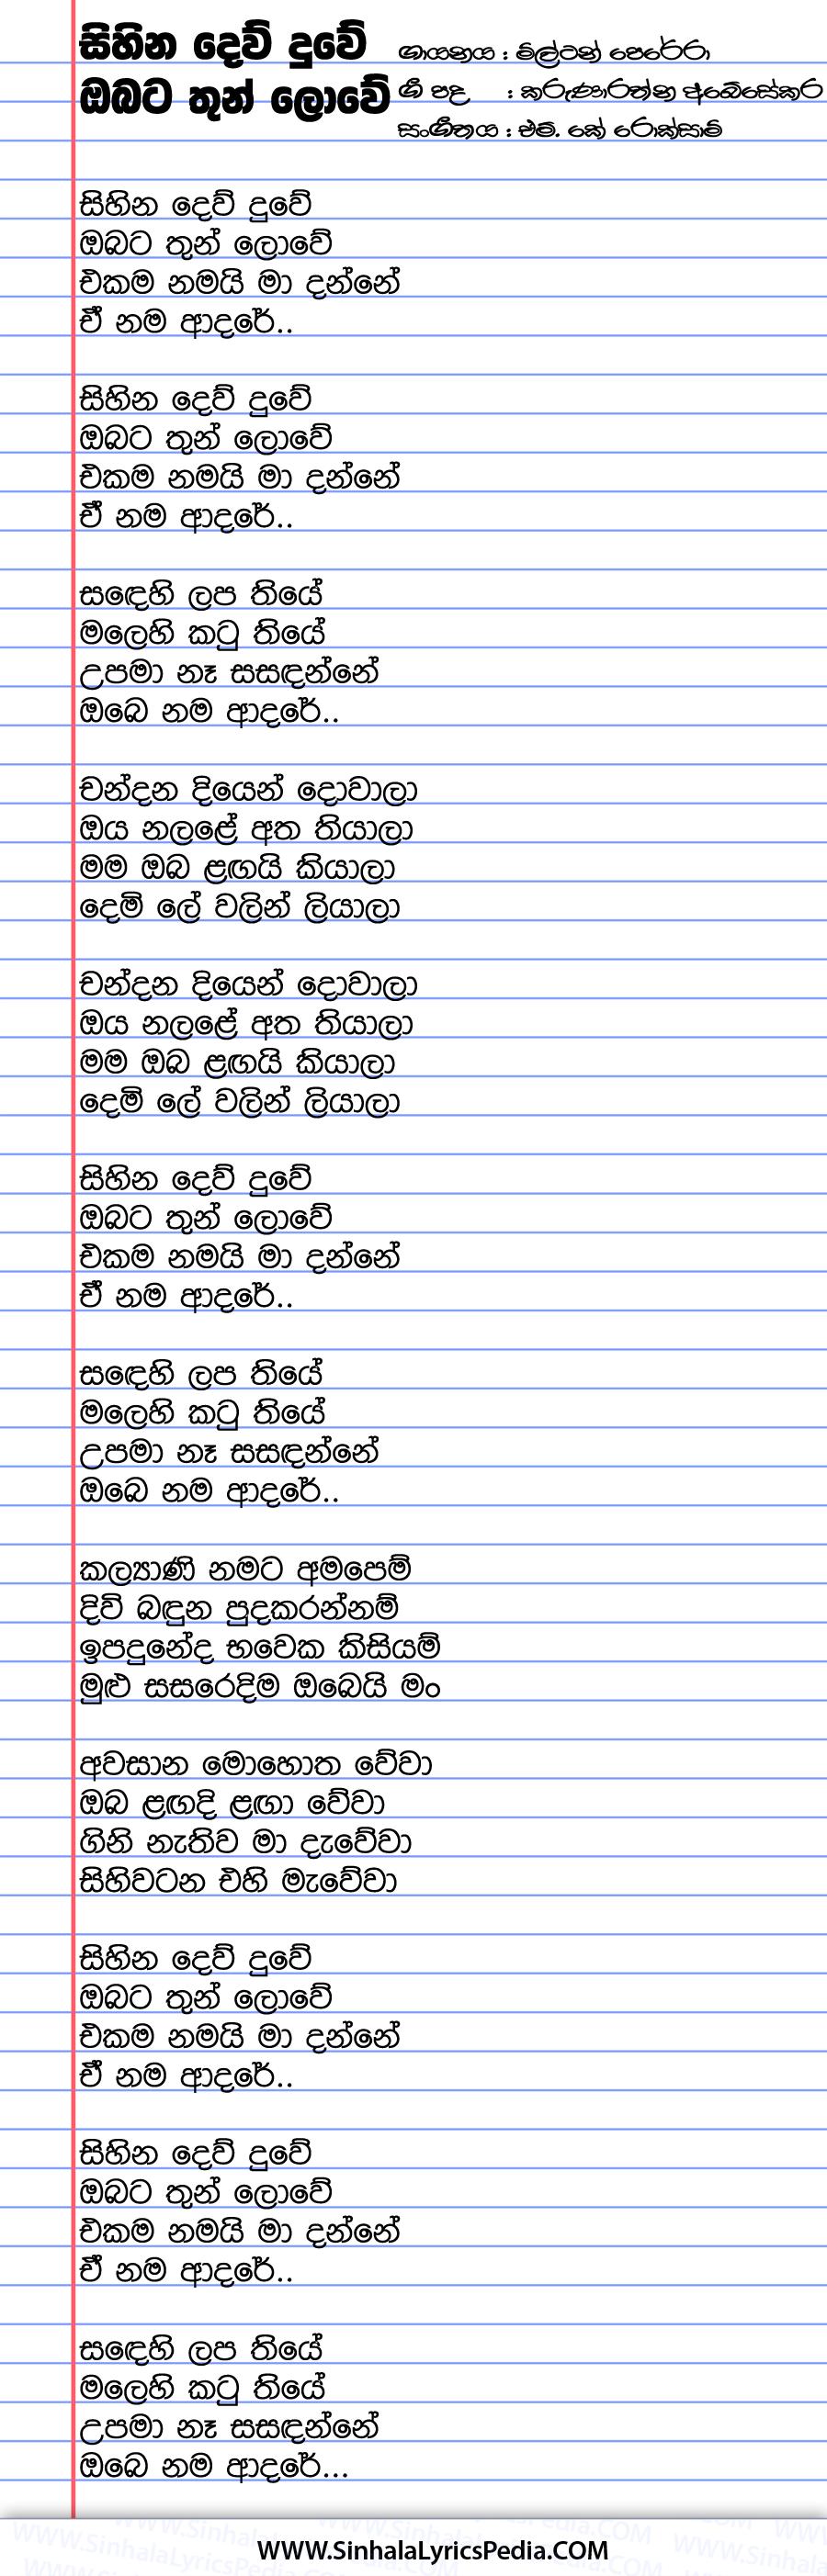 Sihina Dew Duwe Obata Thun Lowe Song Lyrics